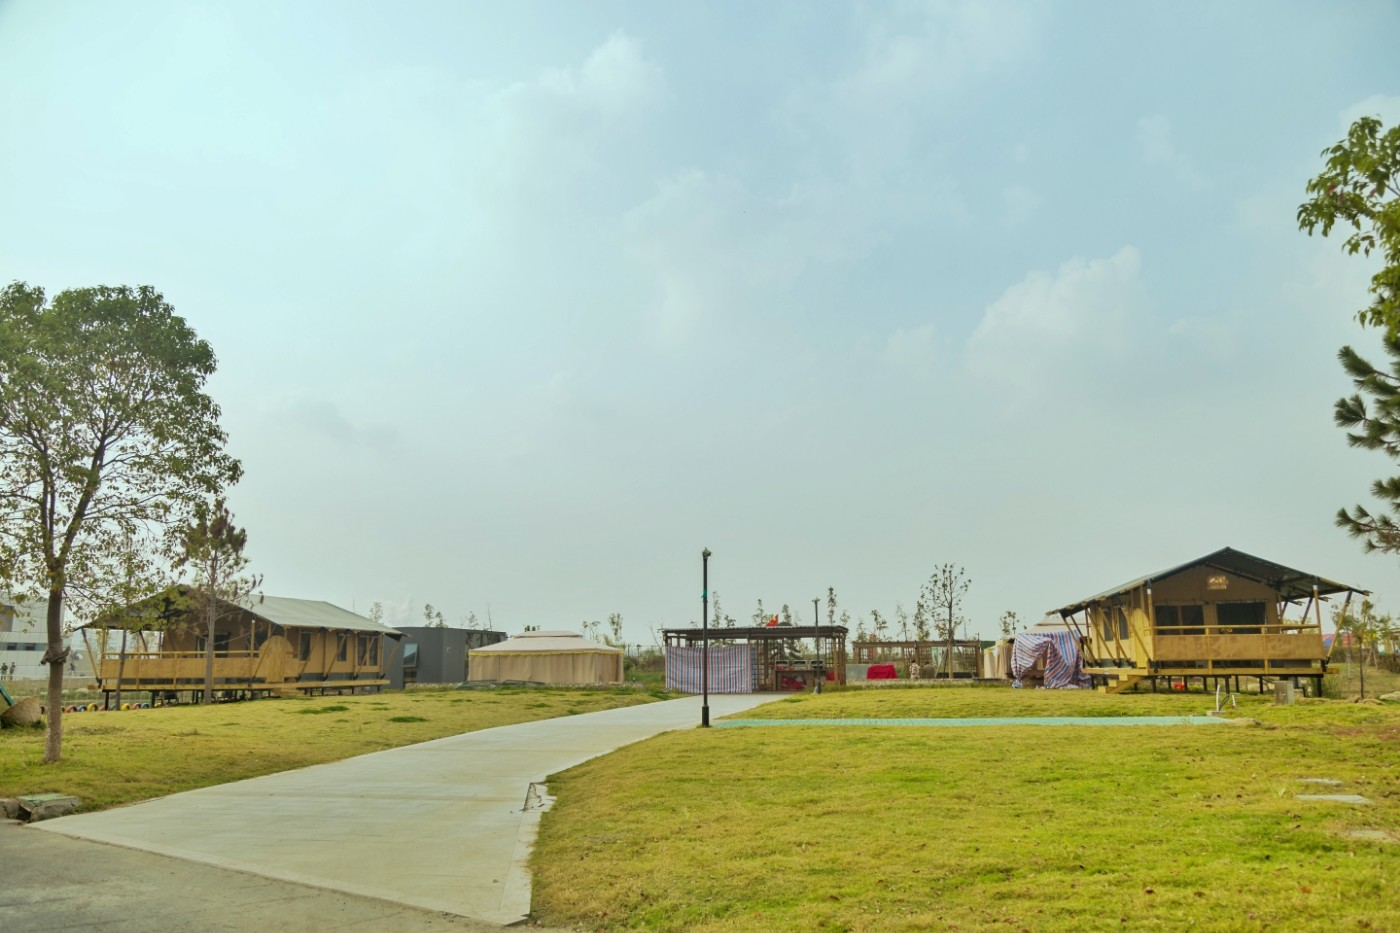 喜马拉雅野奢帐篷酒店—浙江留香之家露营地(54平)1